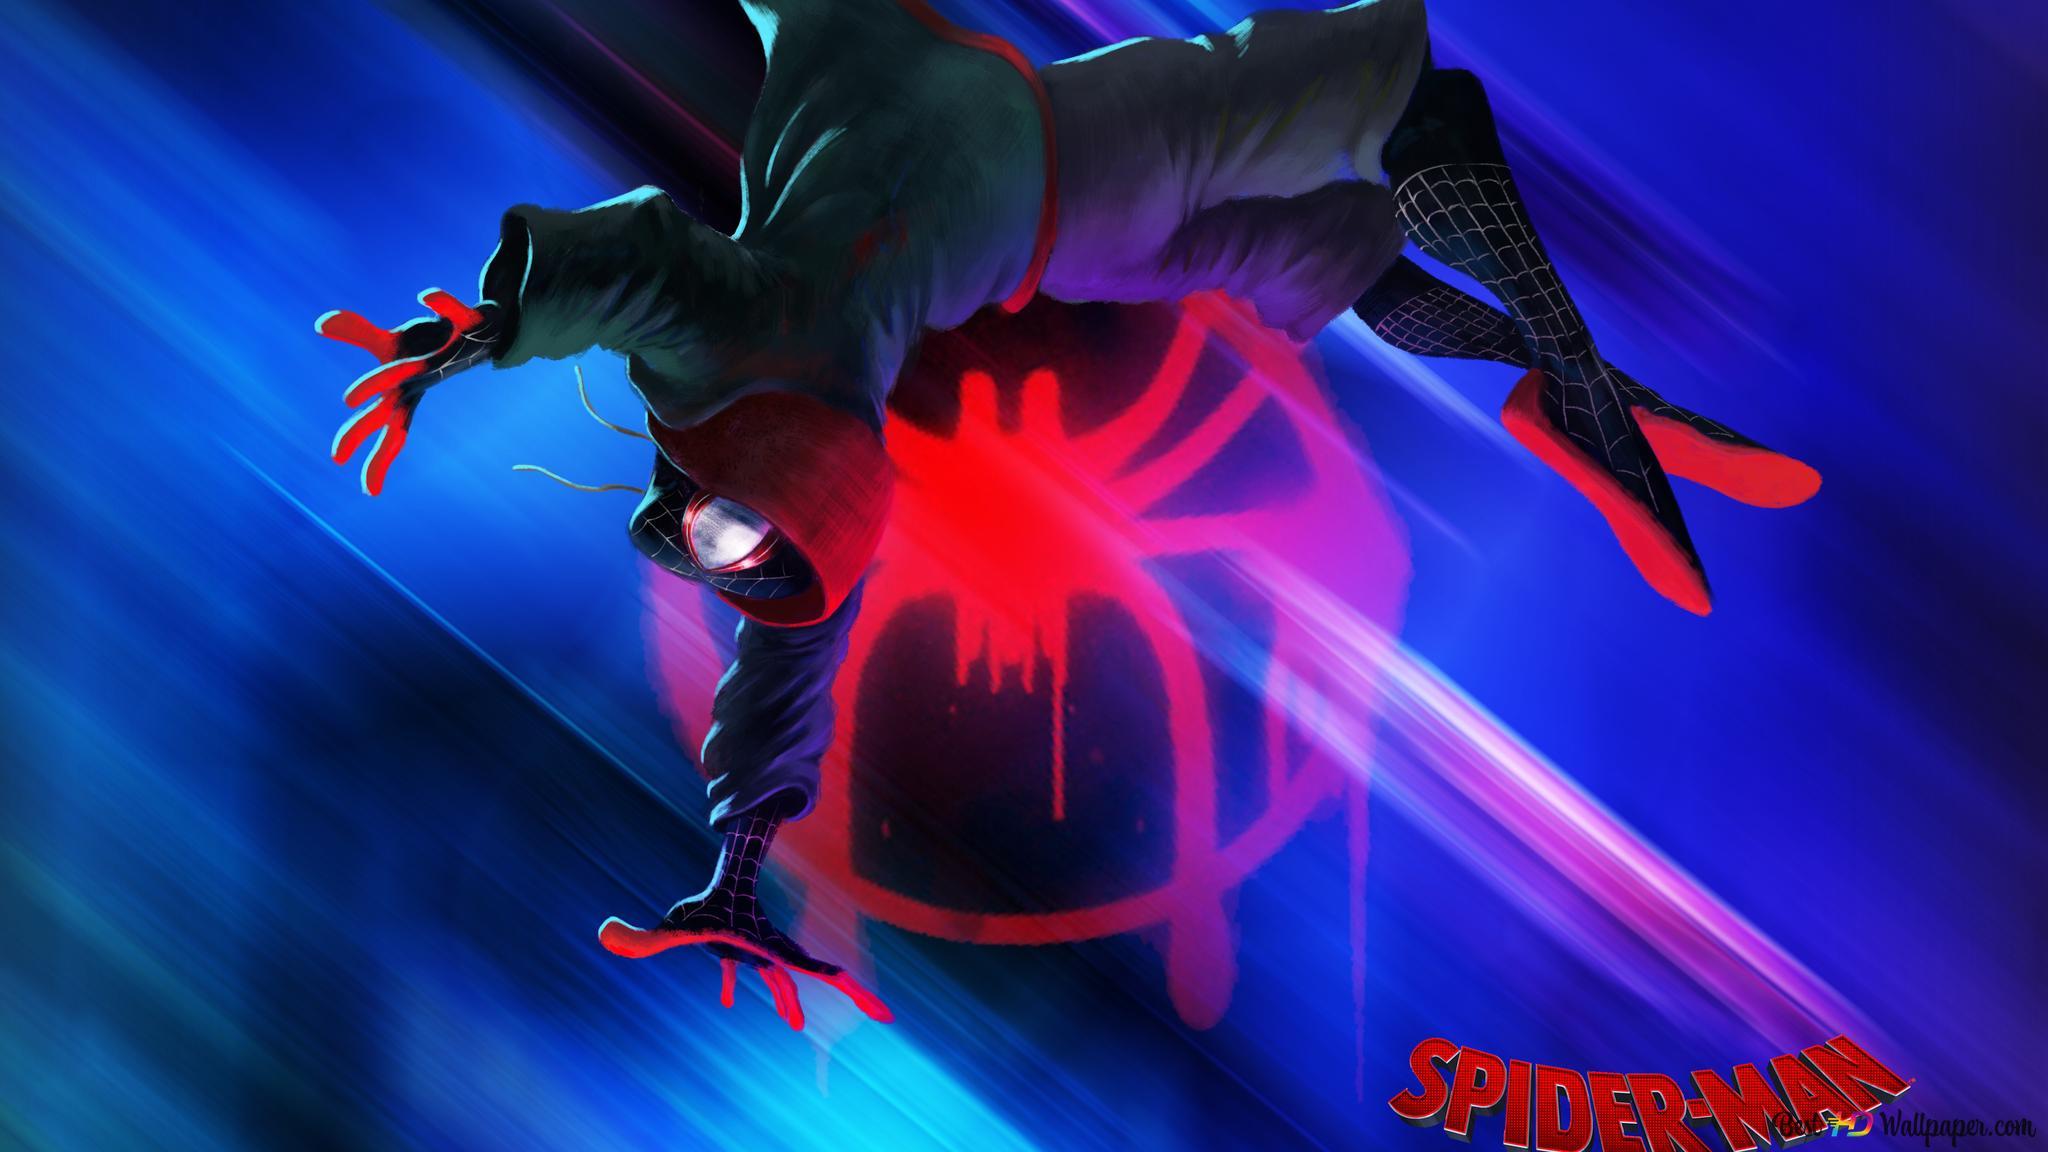 Spider Man Into The Spider Verse Movie Spiderman Noir In